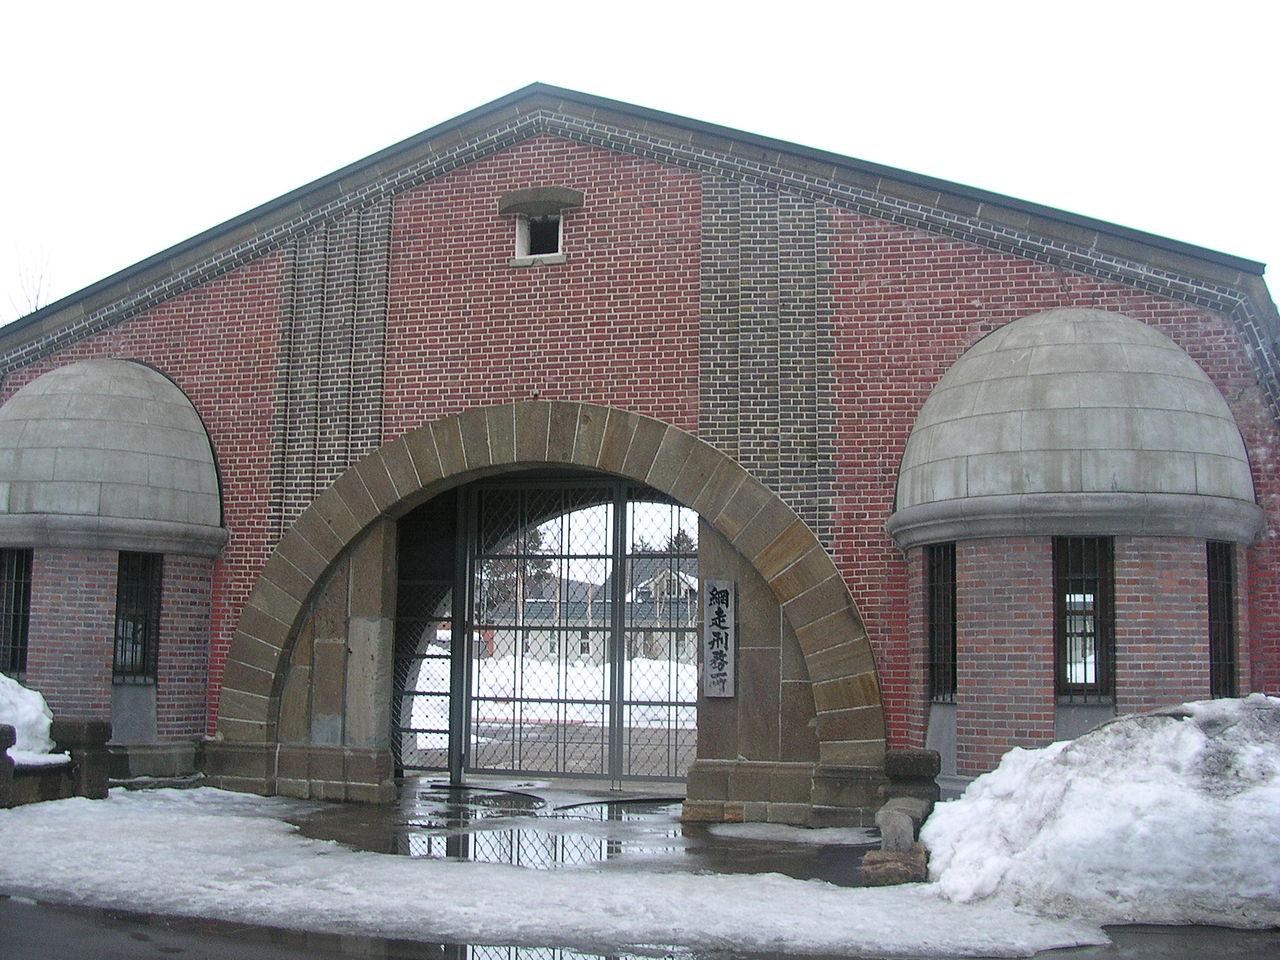 Věznice Abashiri, kde si zločinec posedí.